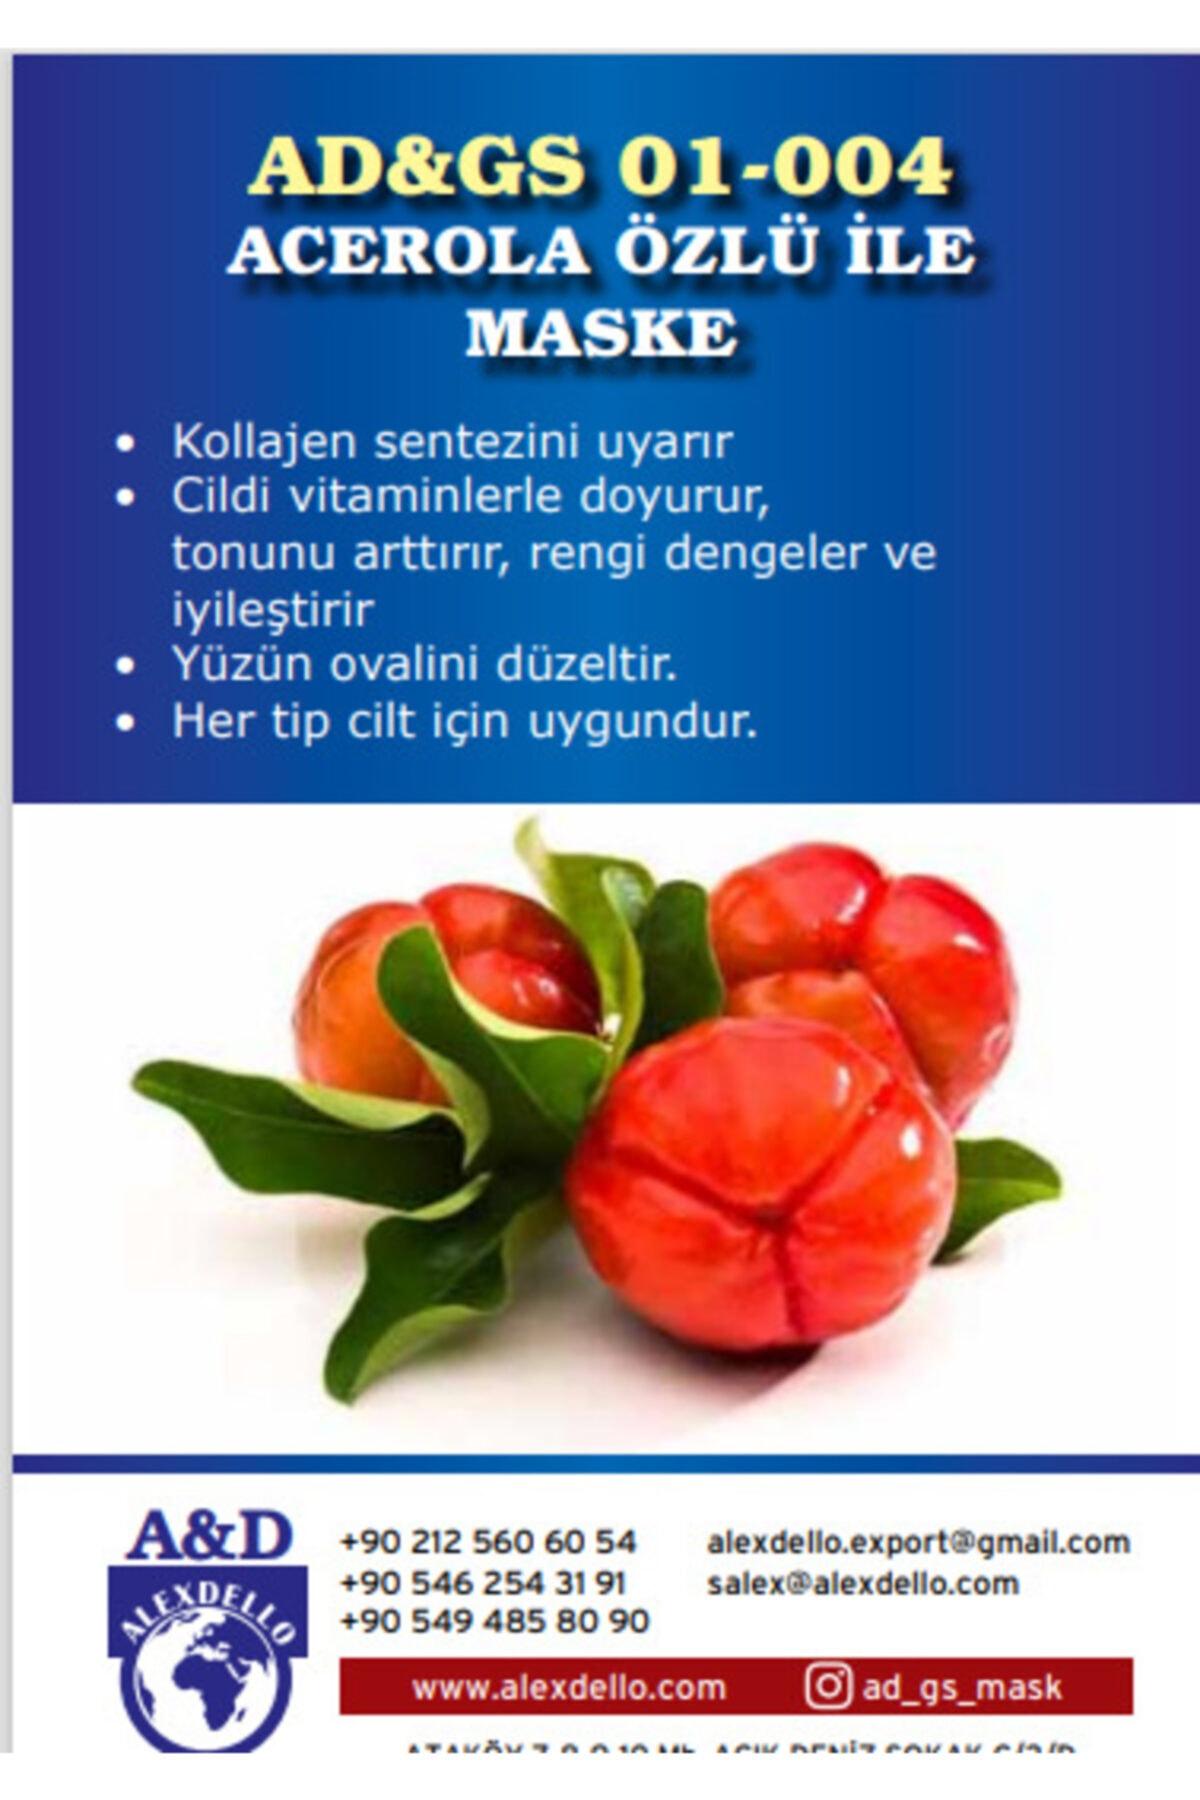 ALEXDELLO YÜZ BAKIM MASKE Acerola Özlü Ile Maske 1